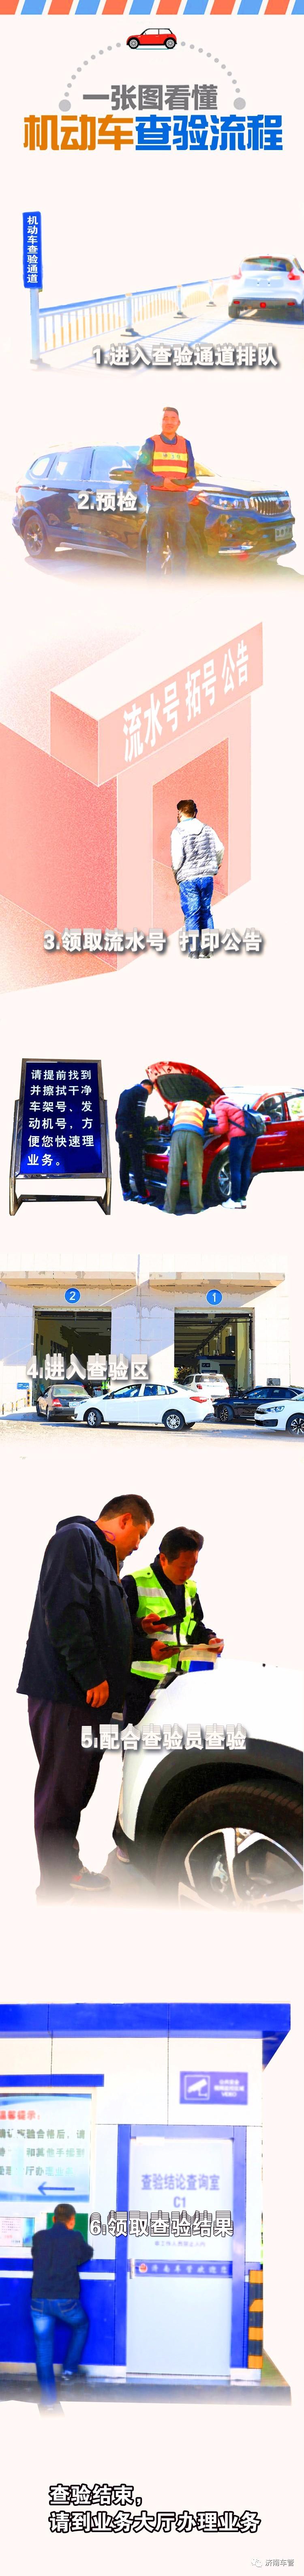 济南车辆年审流程